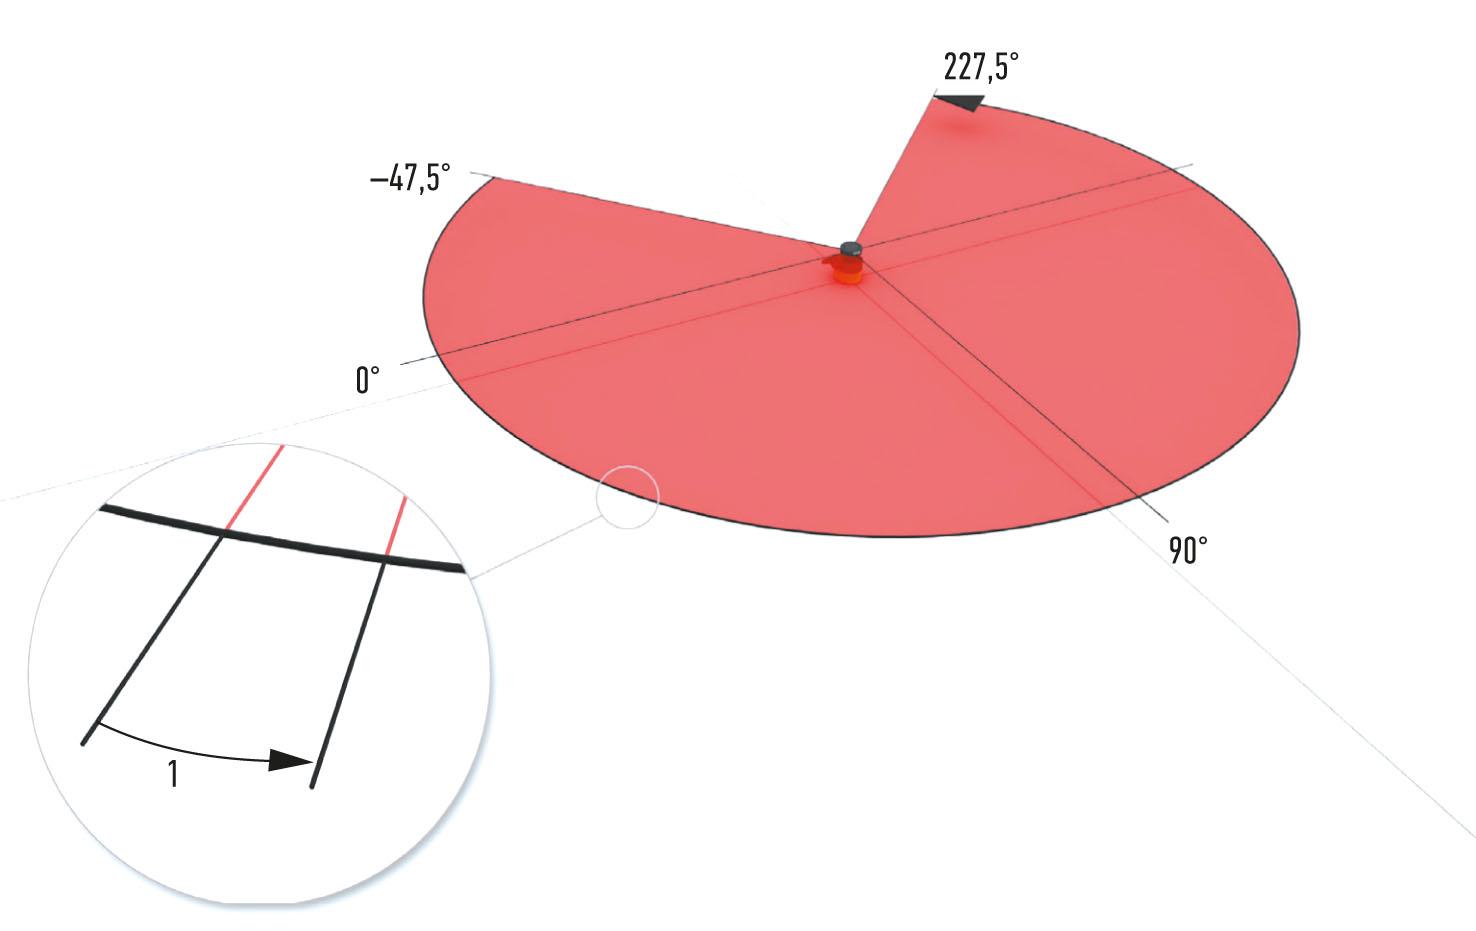 Рис. 3. Область сканирования лазерными импульсами microScan3 Core